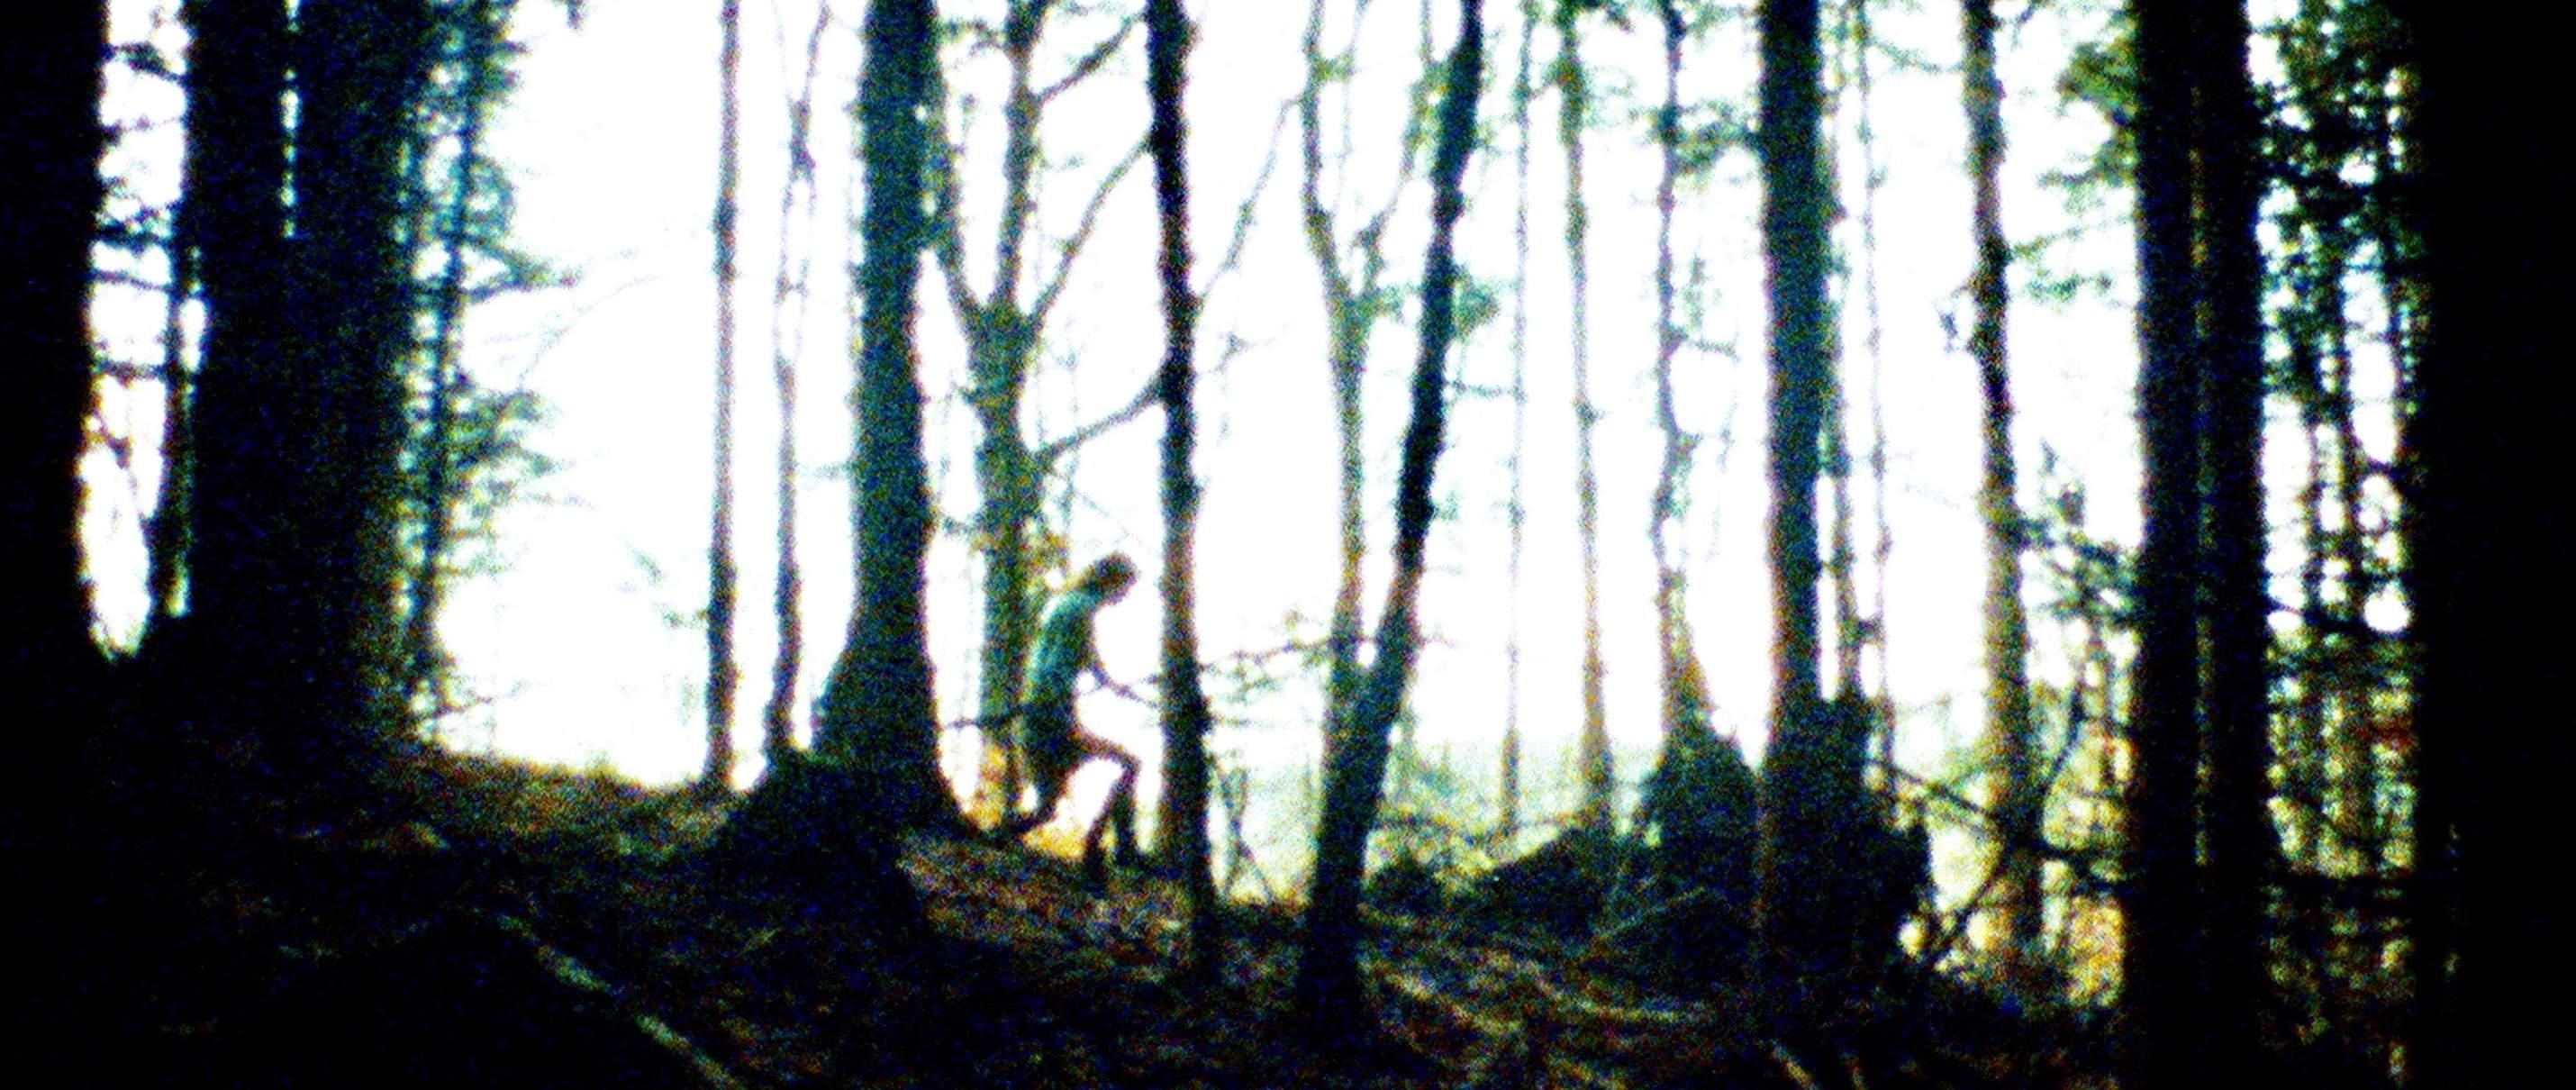 Zwei Leben - Two Lives - Szenenbild im Wald - Regie Georg Maas - Regie und Kamera Judith Kaufmann